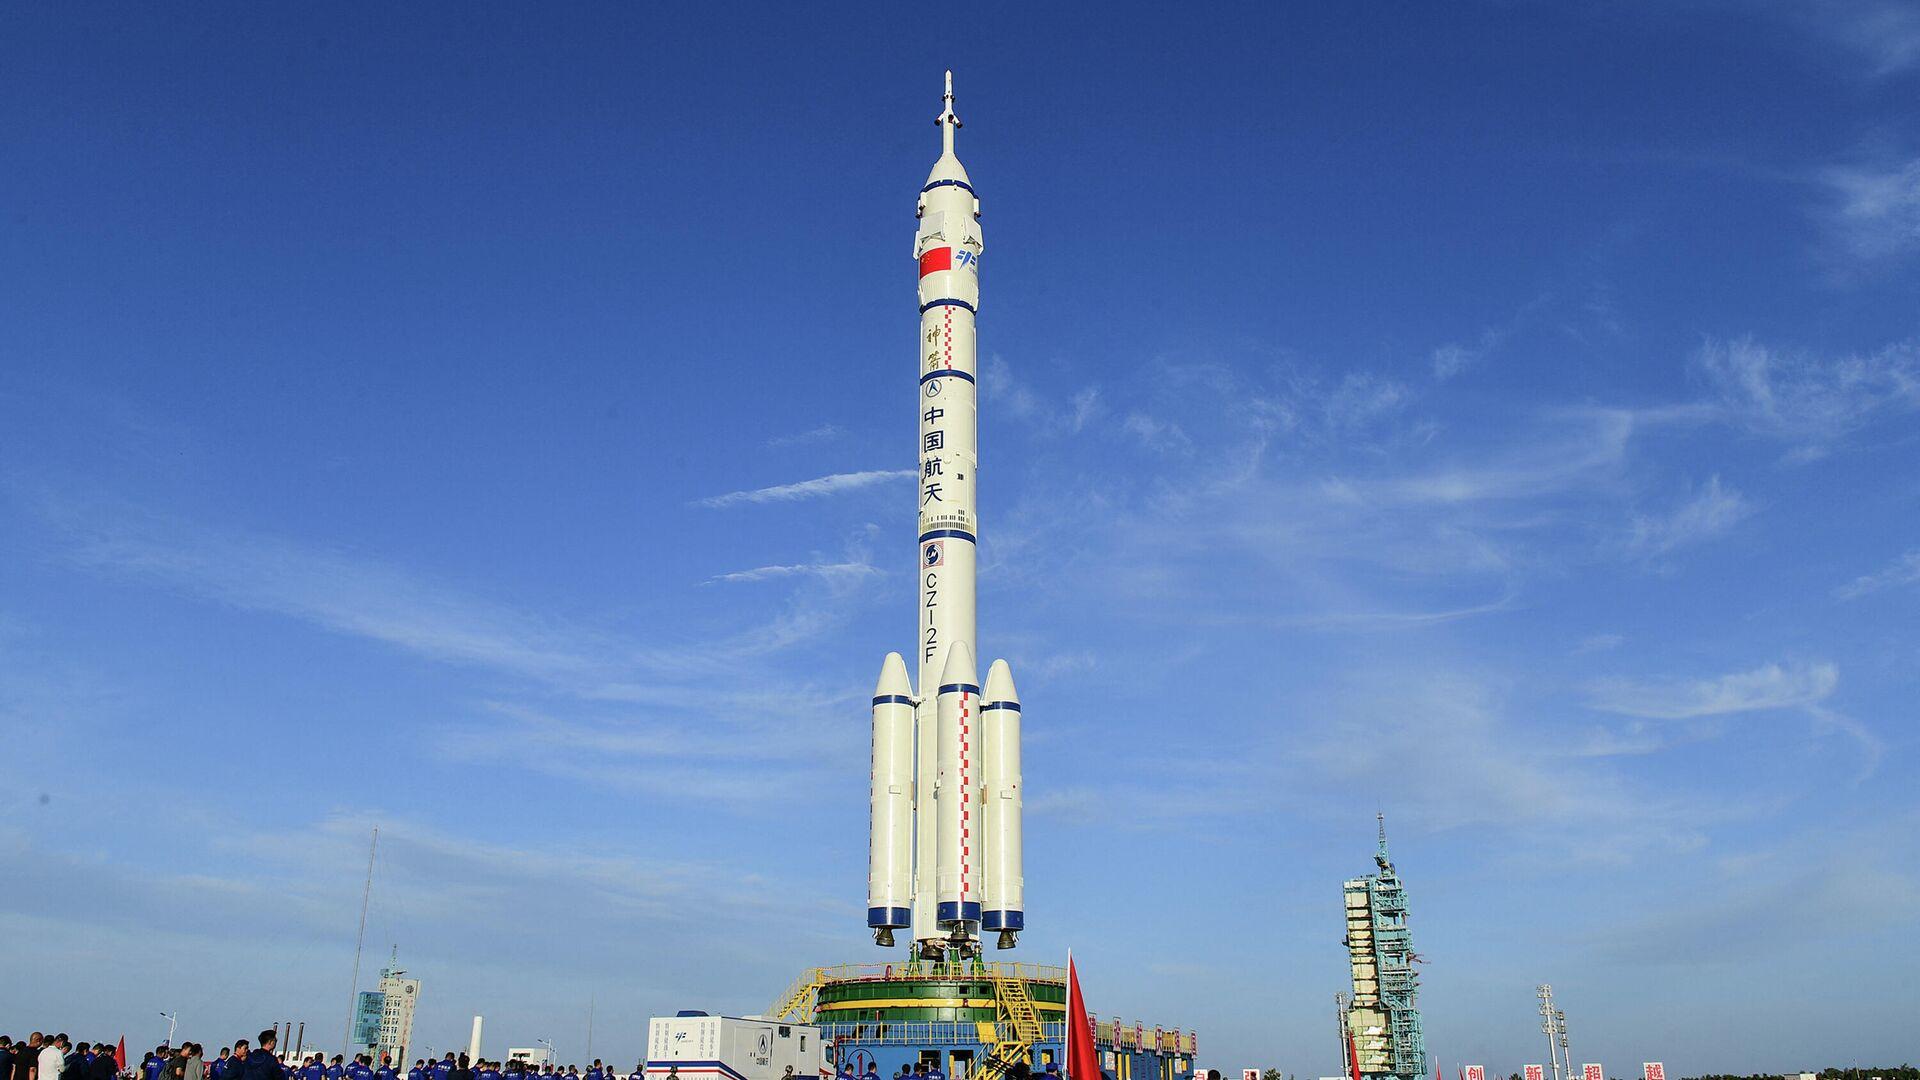 Пилотируемый космический корабль Шэньчжоу-12 и ракета-носитель Чанчжэн-2F на космодроме Цзюцюань - РИА Новости, 1920, 11.06.2021